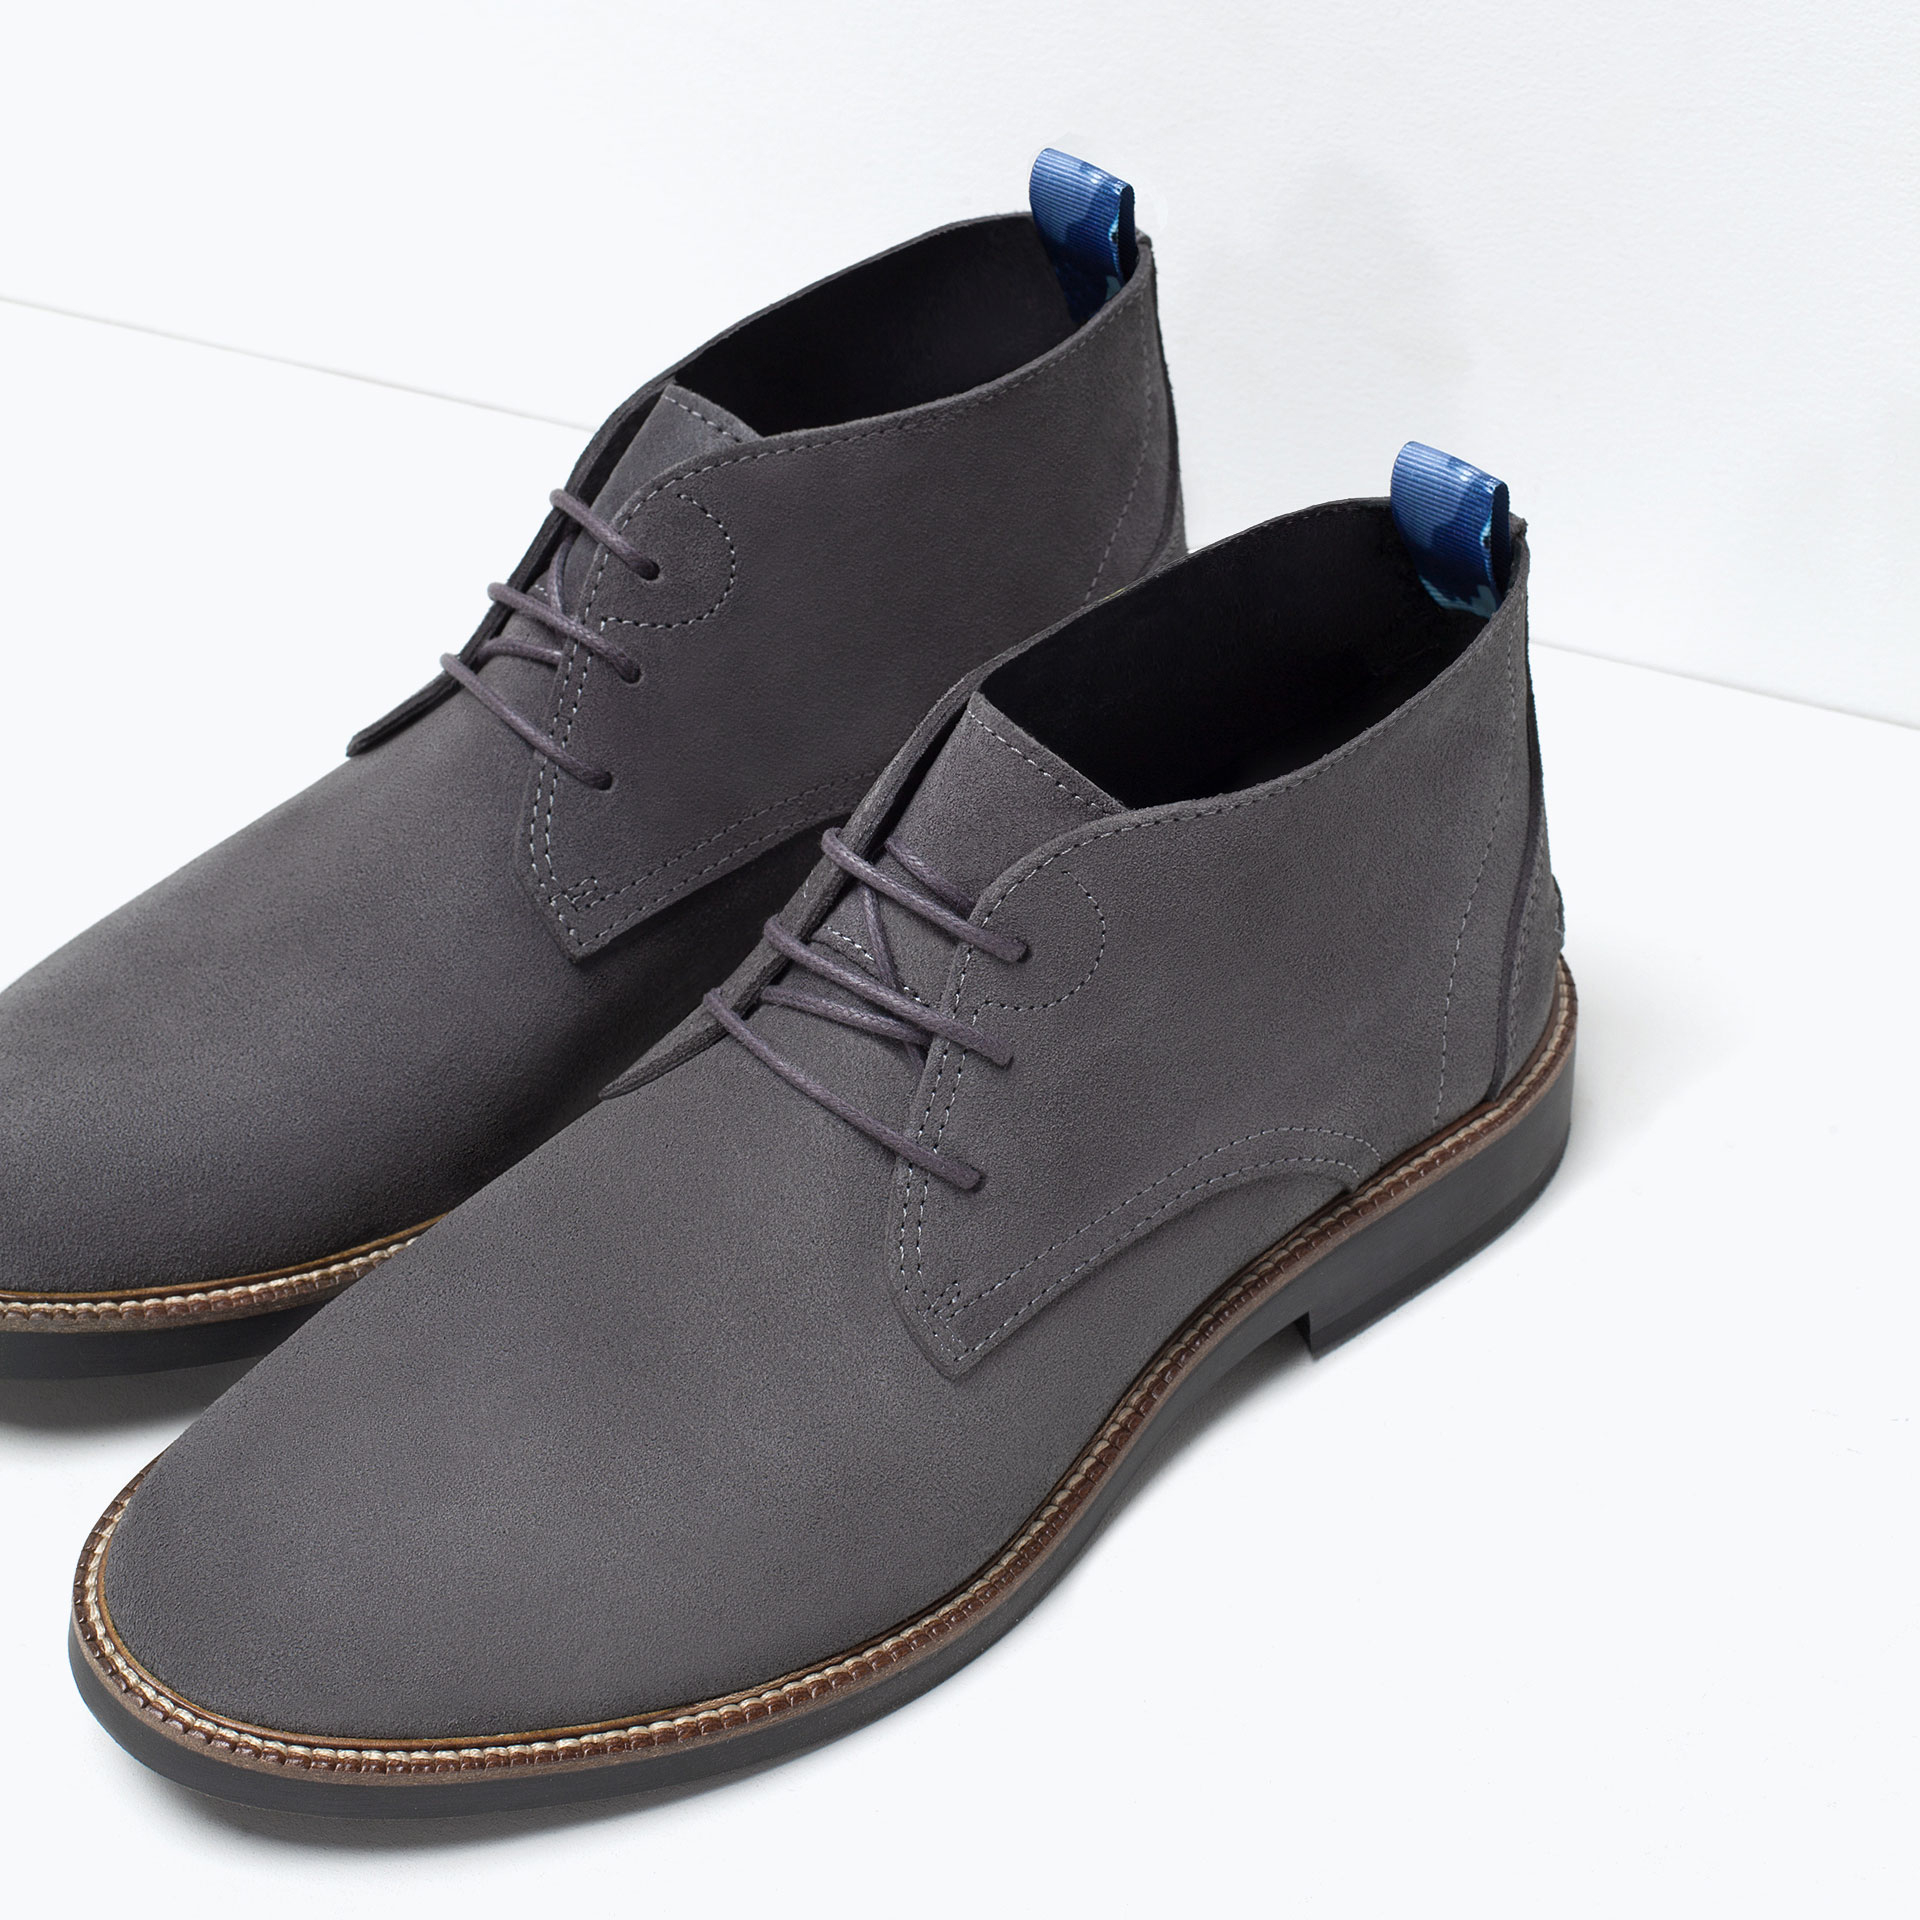 Zara Leather Desert Boot Leather Desert Boot In Gray For